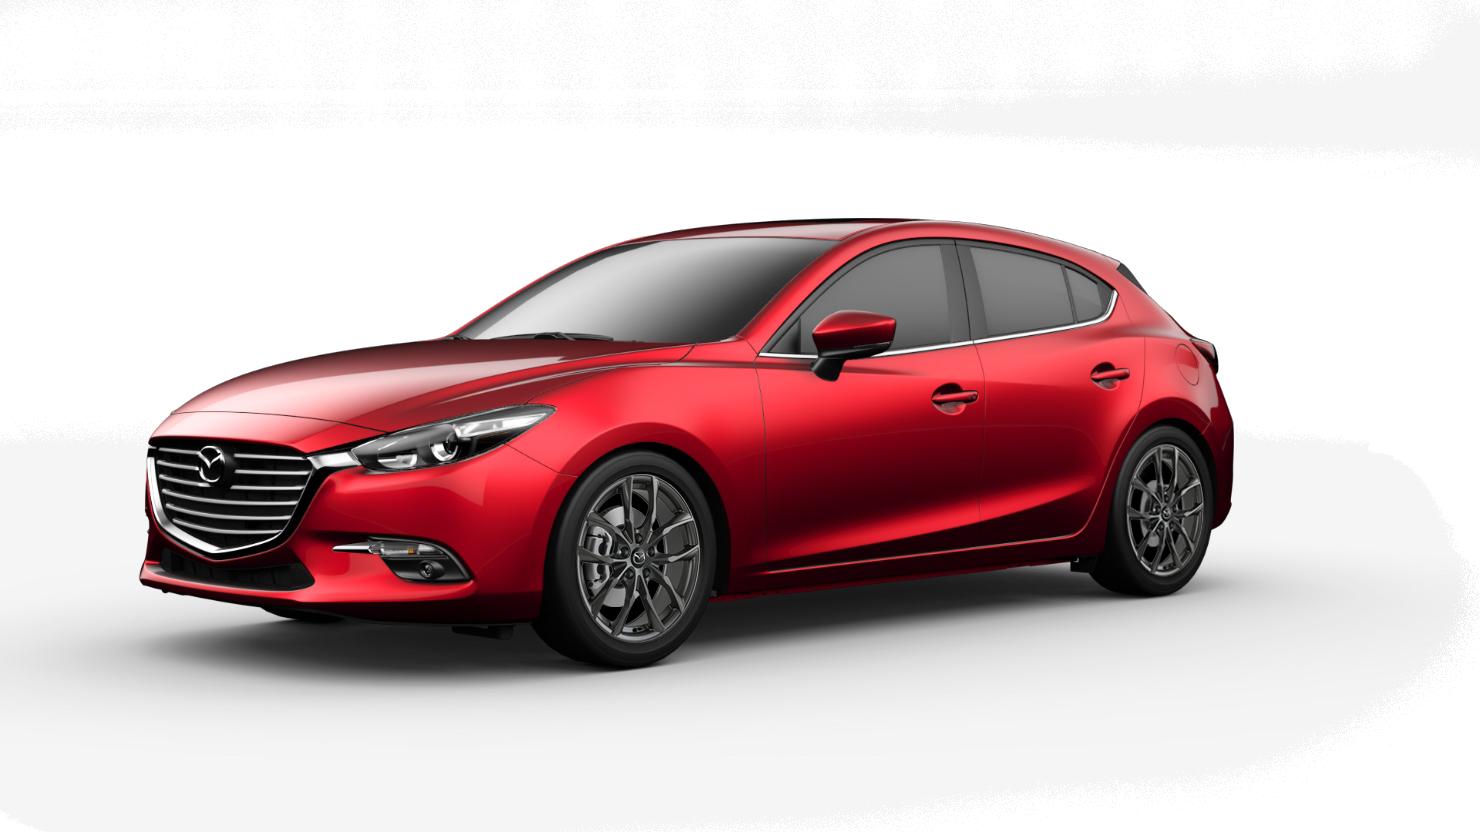 Image Result For Mazda 3 2017 Hatchback With M011 Rims Mazda 3 Hatchback Mazda 3 Hatchback